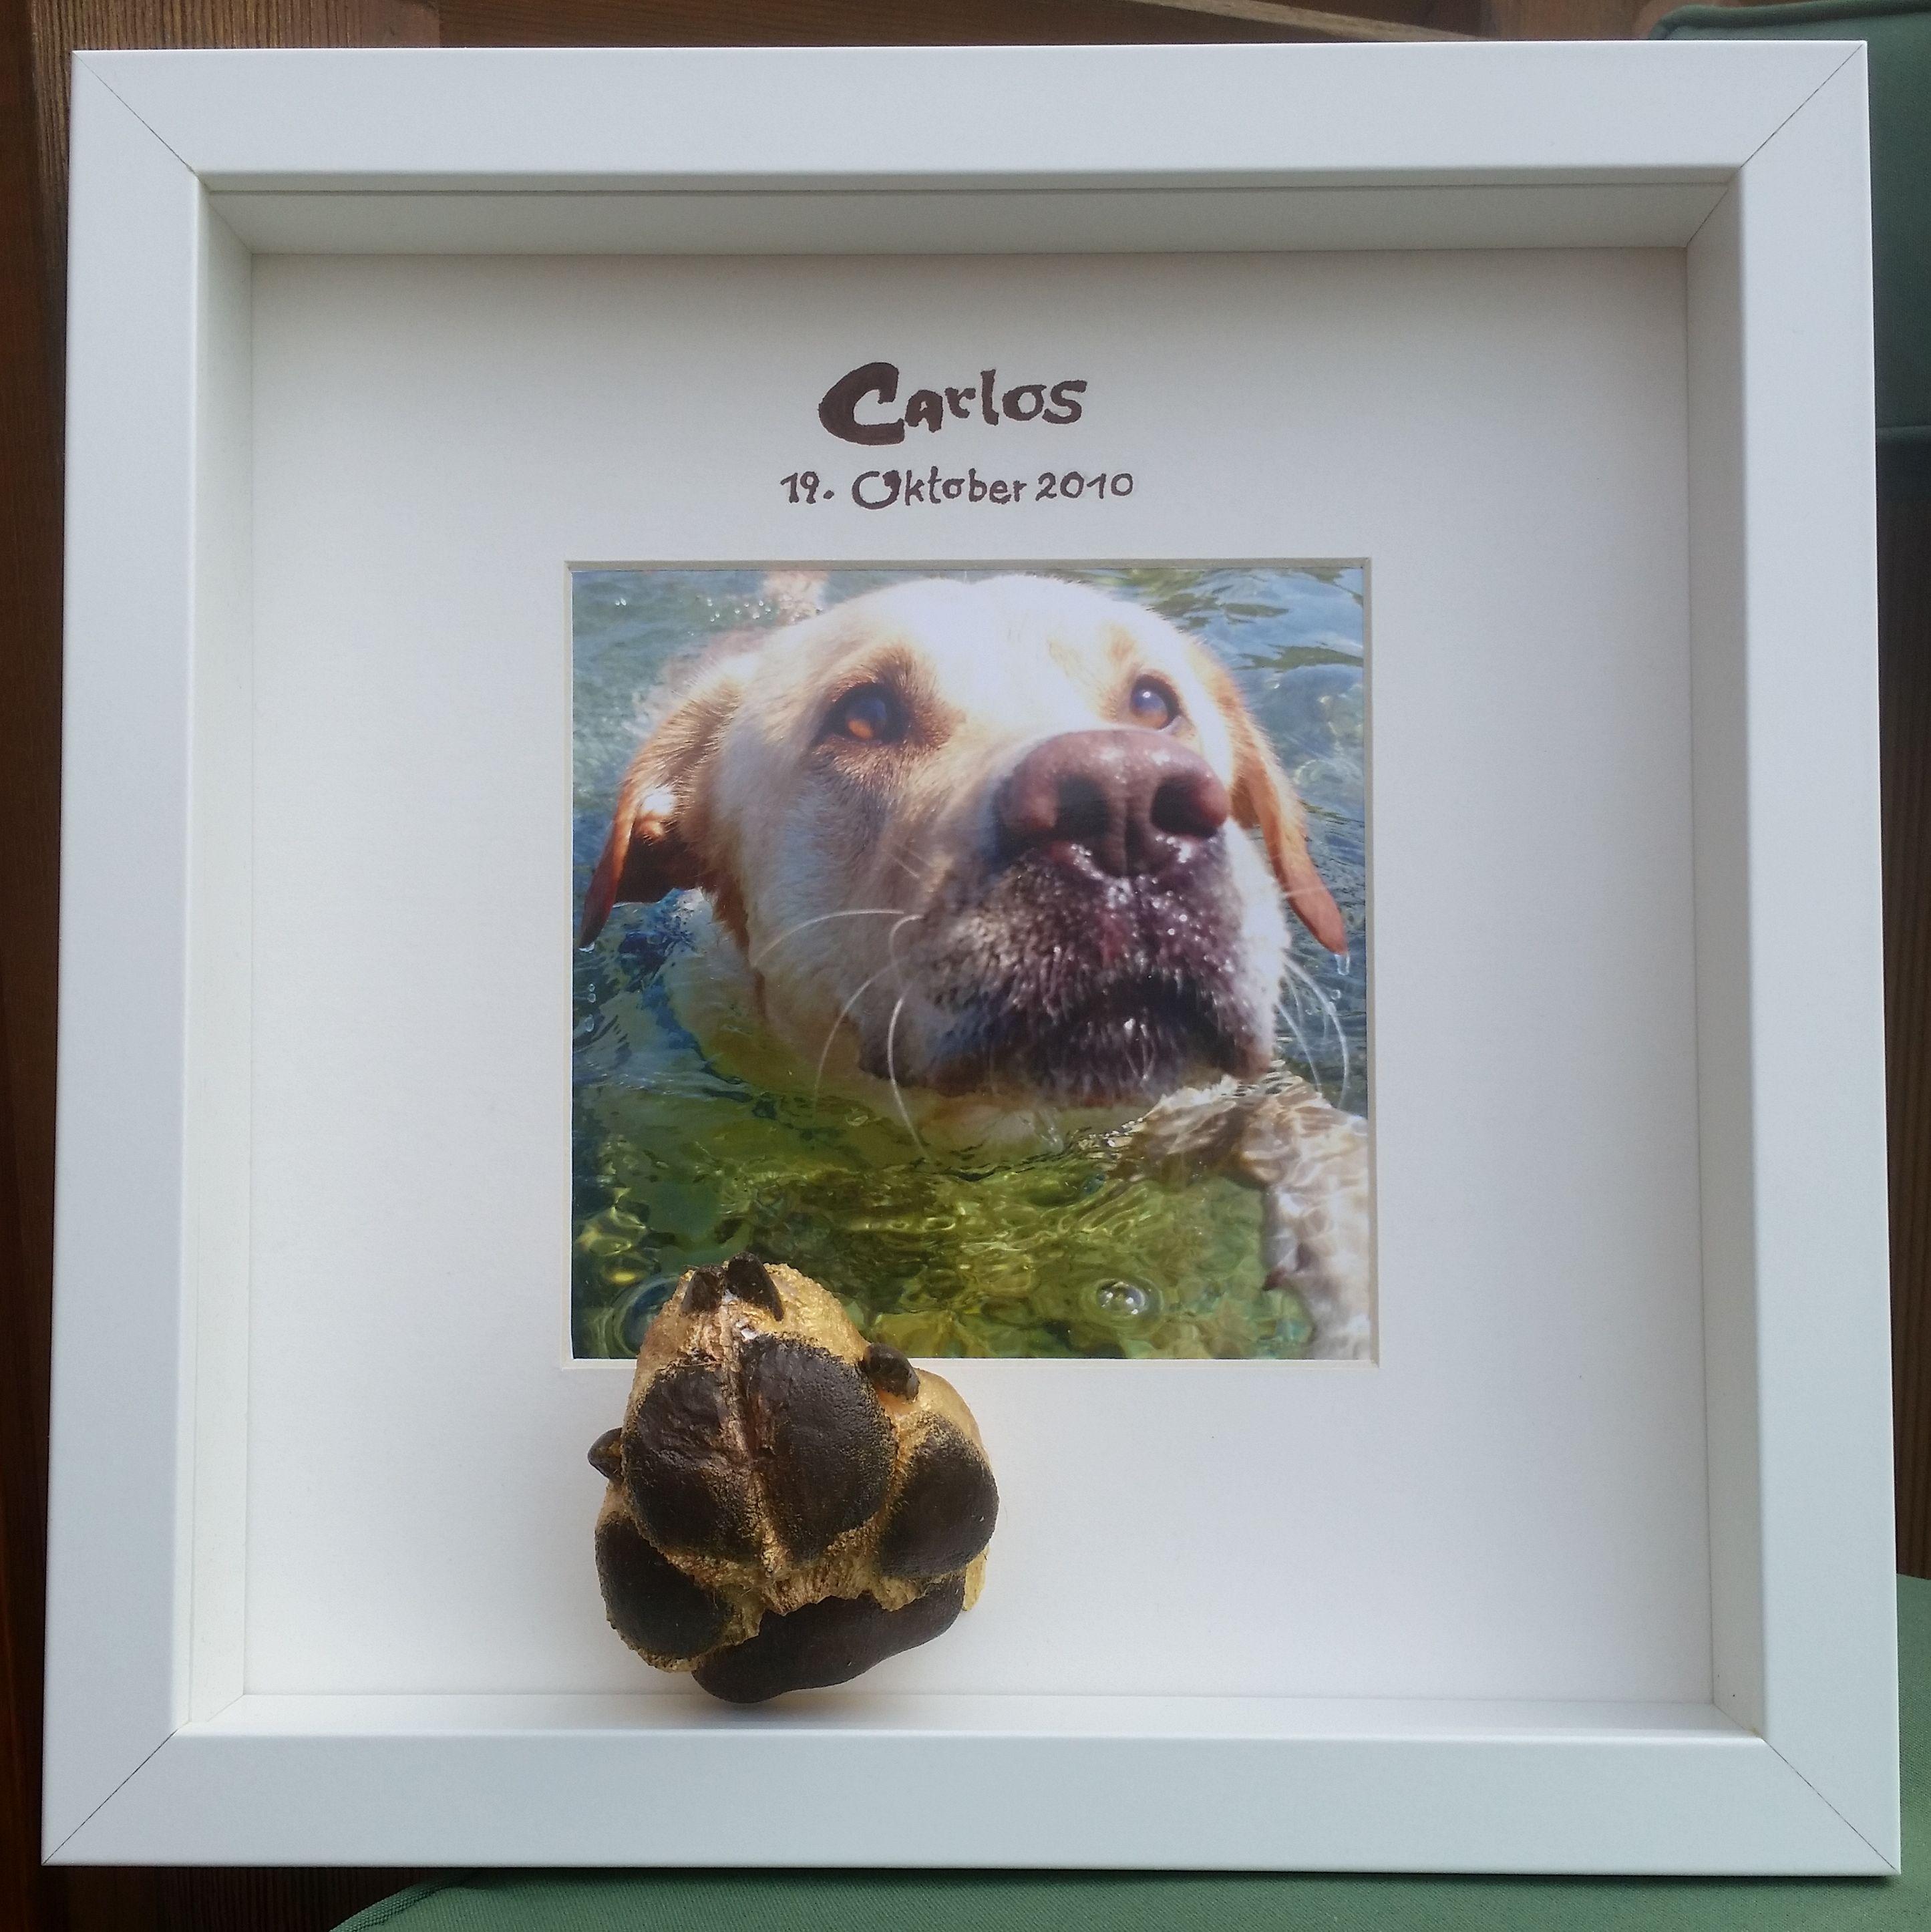 3D Hunde Pfotenabdruck vom Labrador Carlos in einem tiefen Rahmen ...